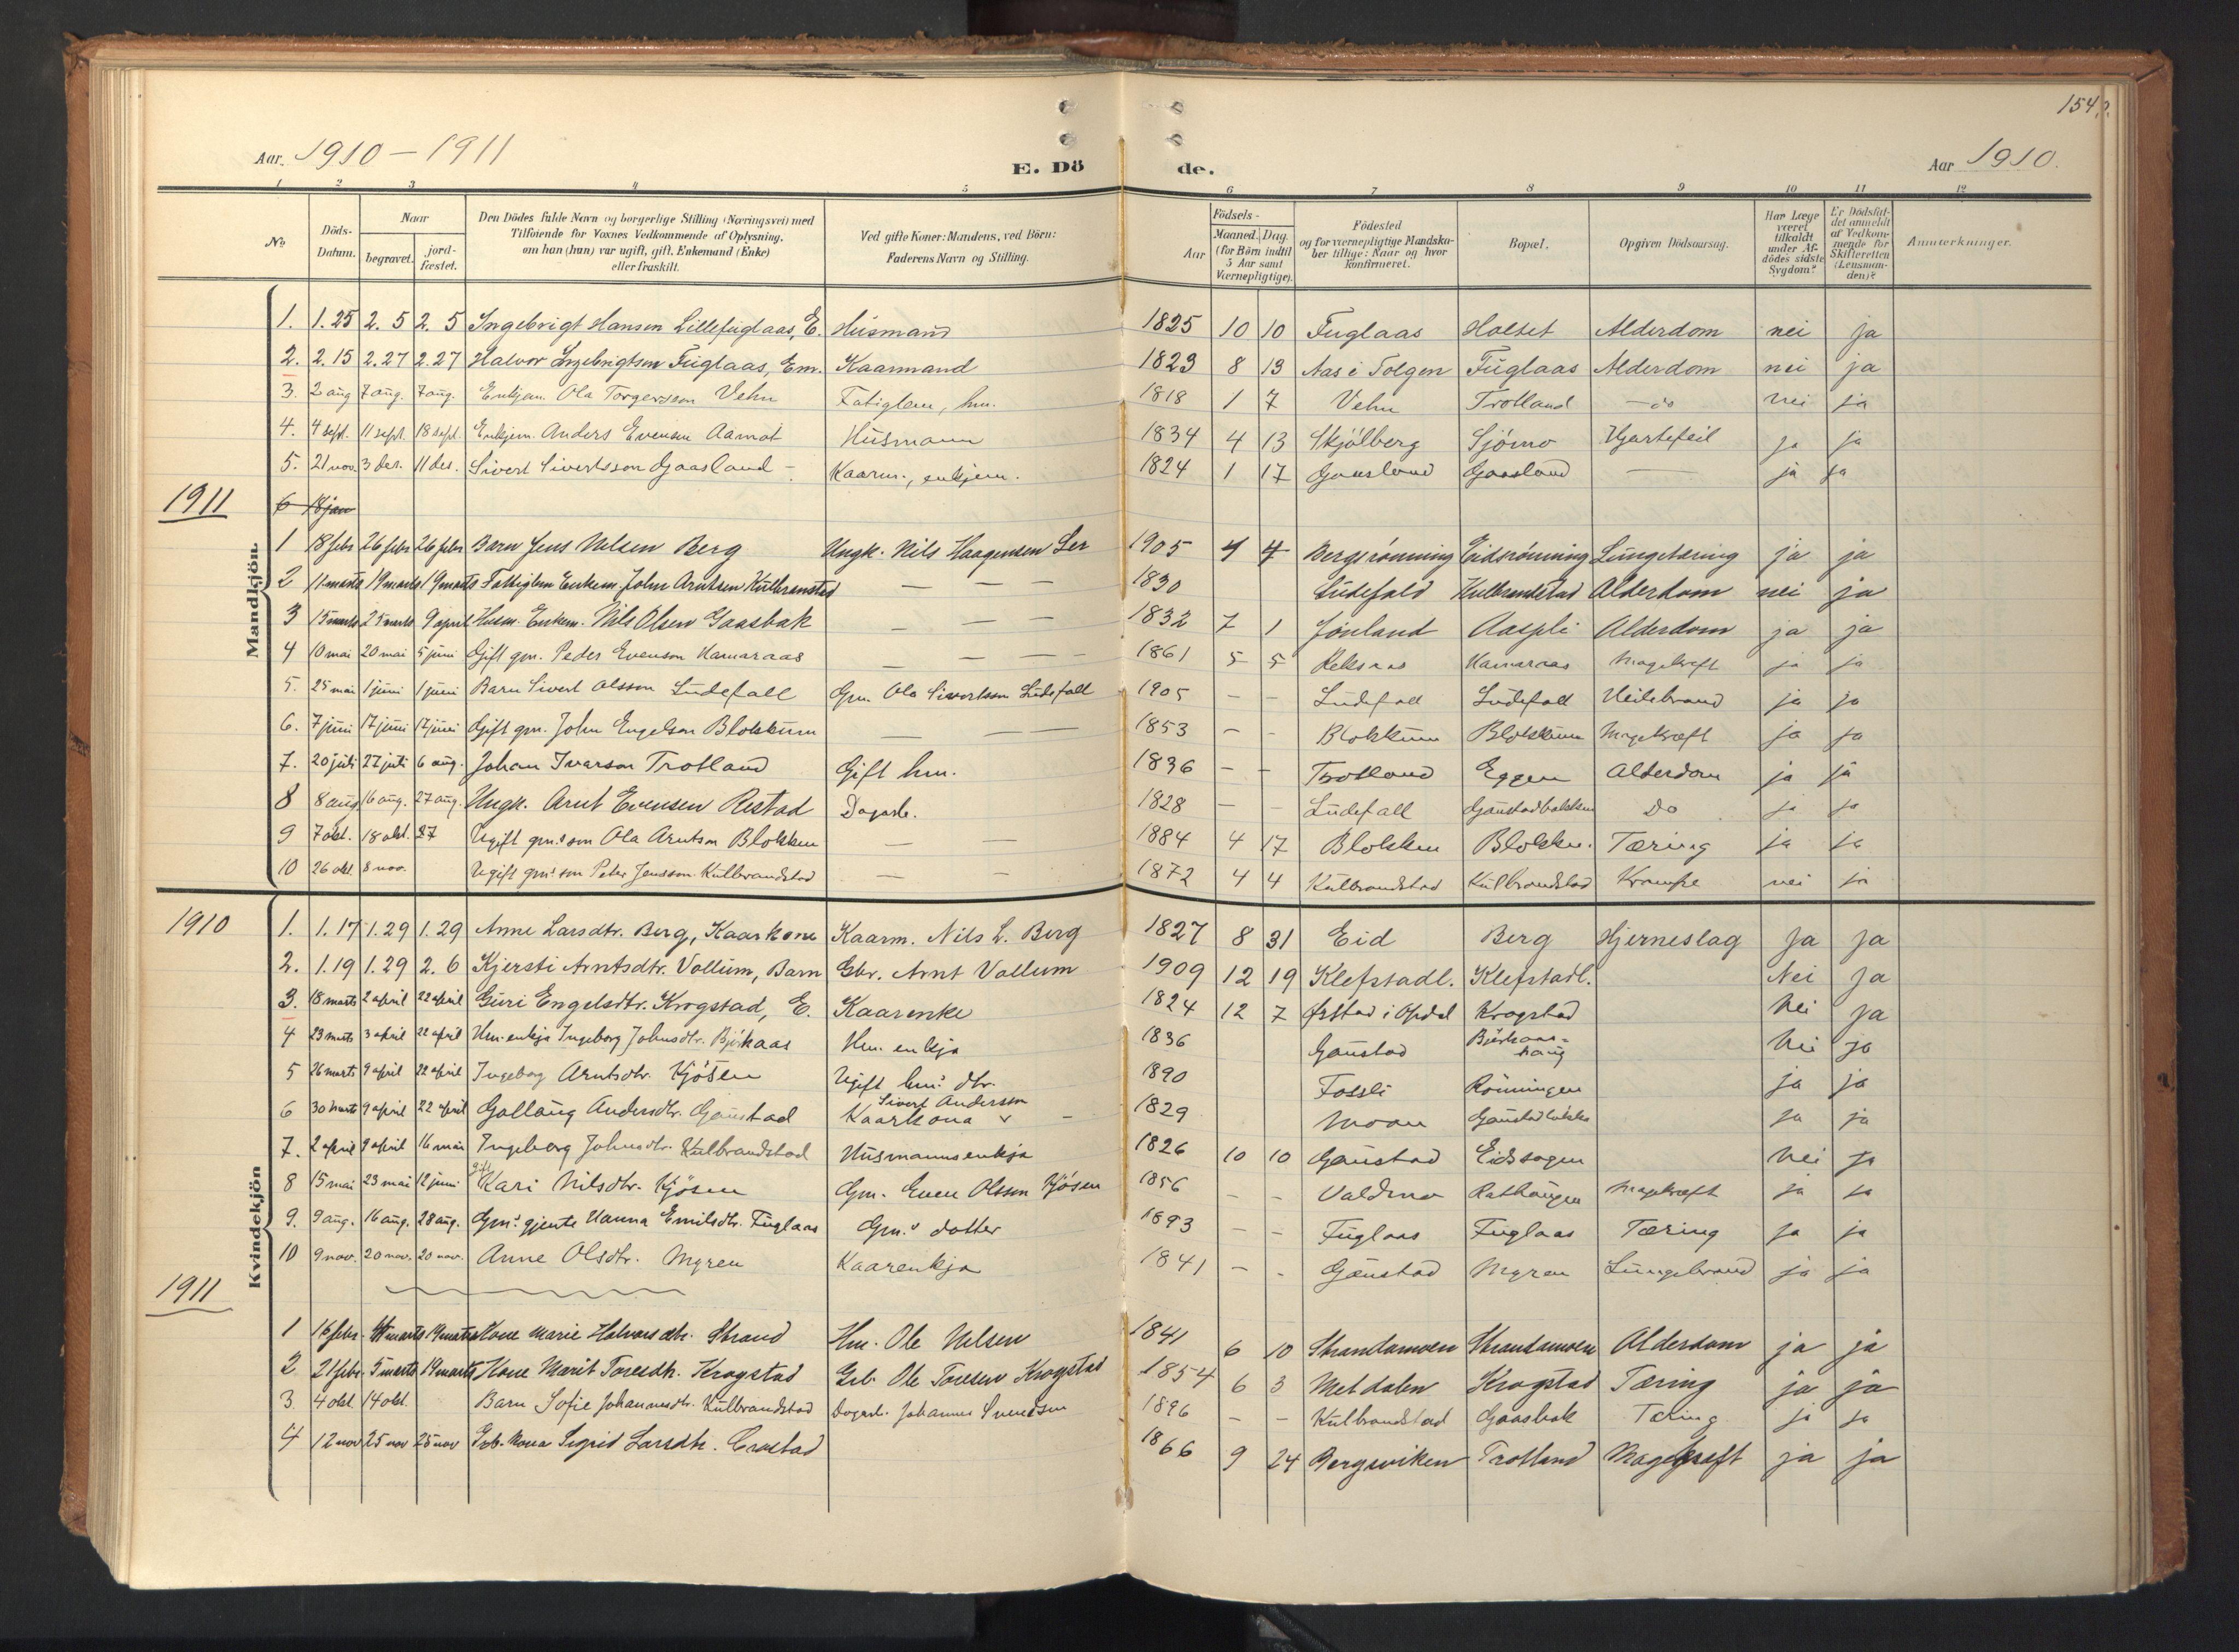 SAT, Ministerialprotokoller, klokkerbøker og fødselsregistre - Sør-Trøndelag, 694/L1128: Ministerialbok nr. 694A02, 1906-1931, s. 154